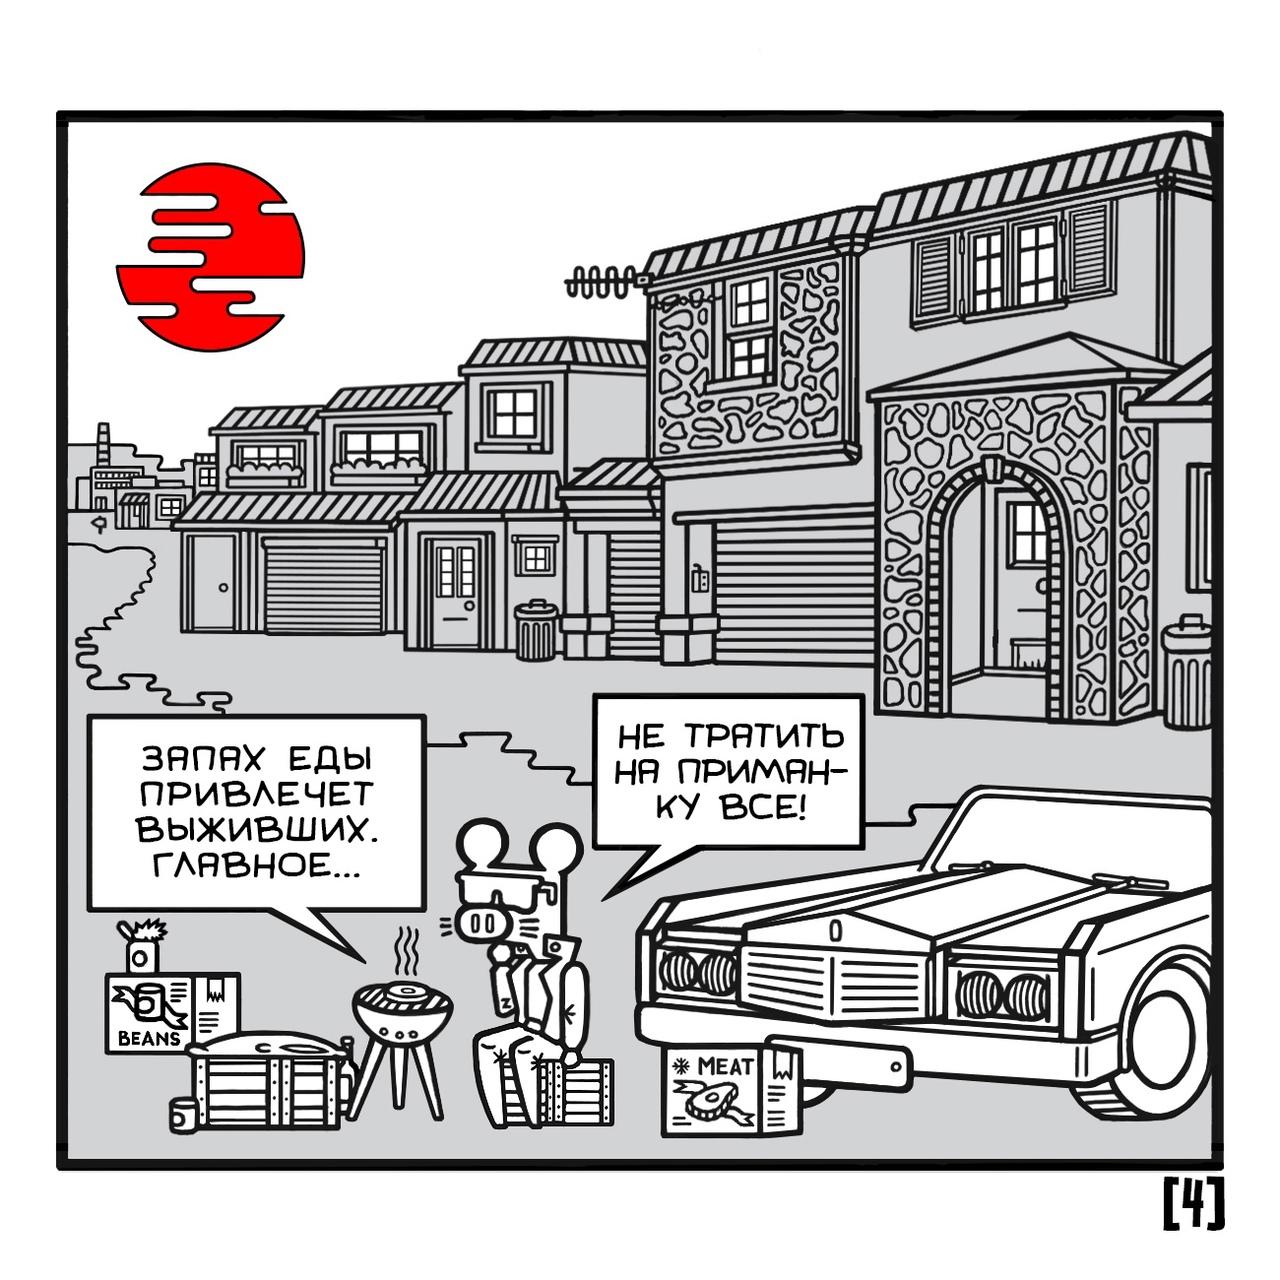 Автор комикса «Поросёнок-Мышь»: оконцепции, вдохновении и фантастики 5